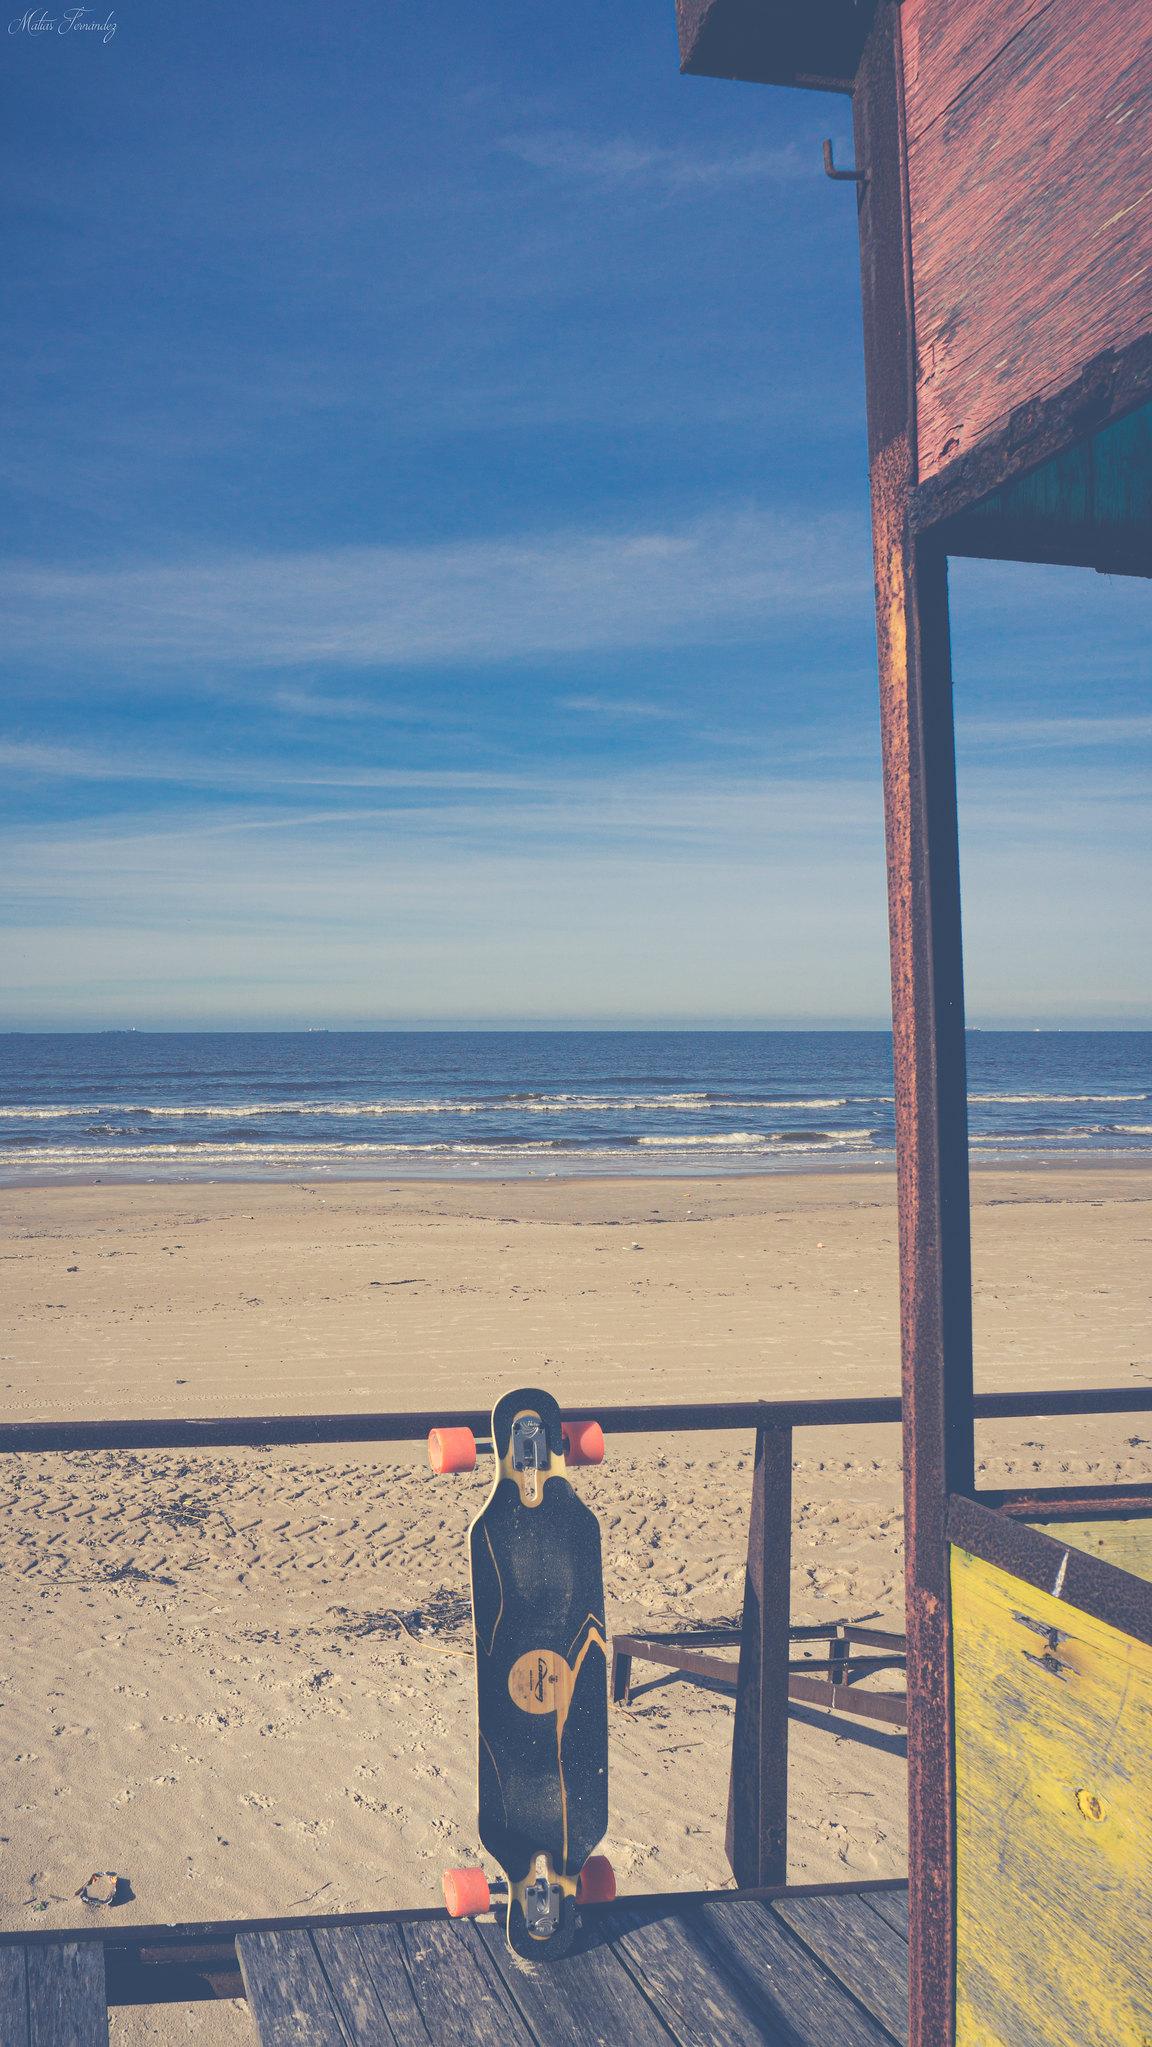 Día de longboard y paisaje costero. en Paisajes48396875087_348bf49067_k